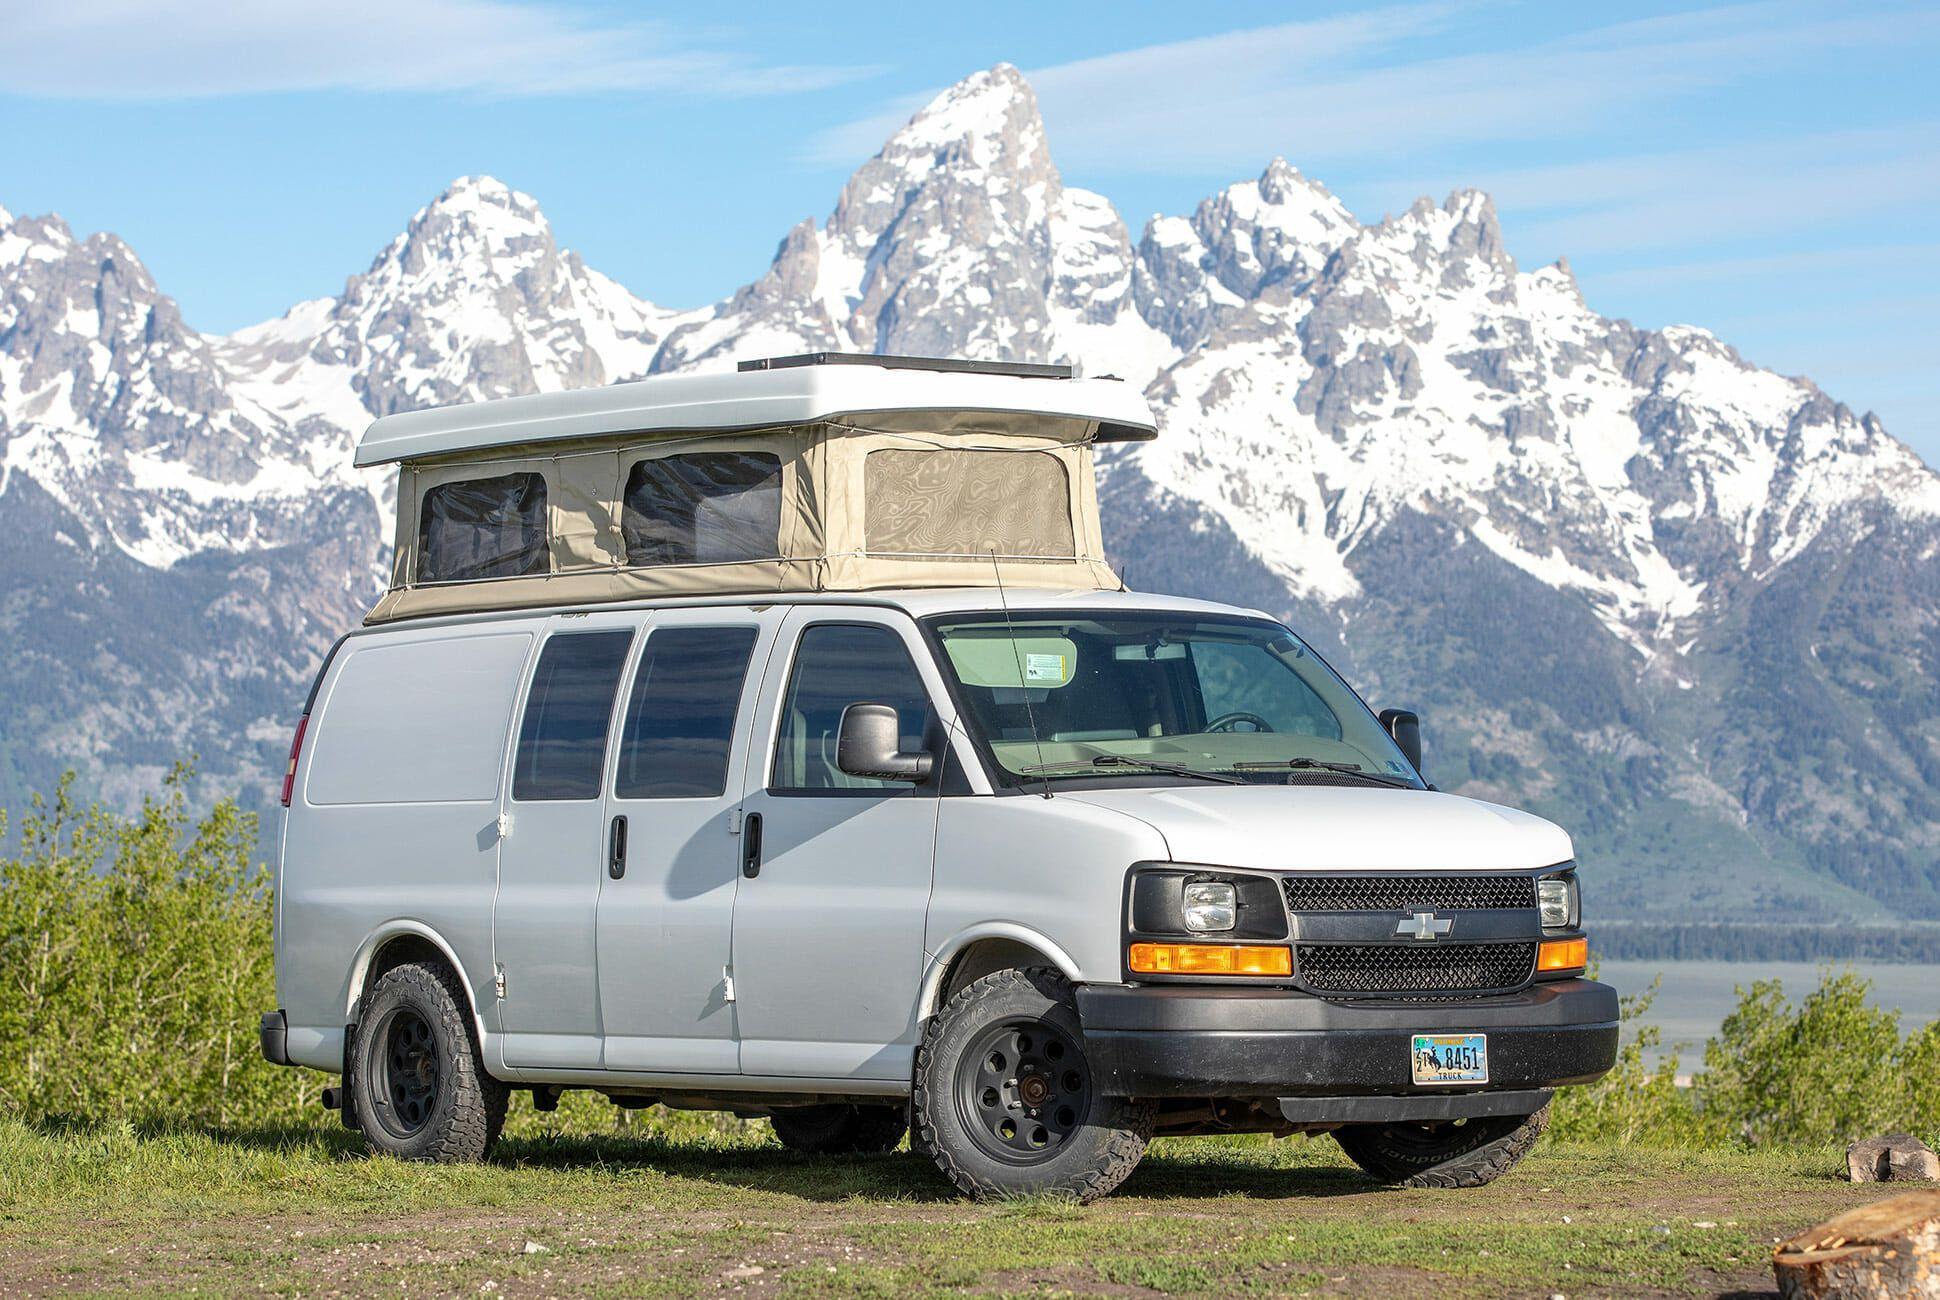 Jimmy-Chin-Chevy-Van-Camper-gear-patrol-slide-1